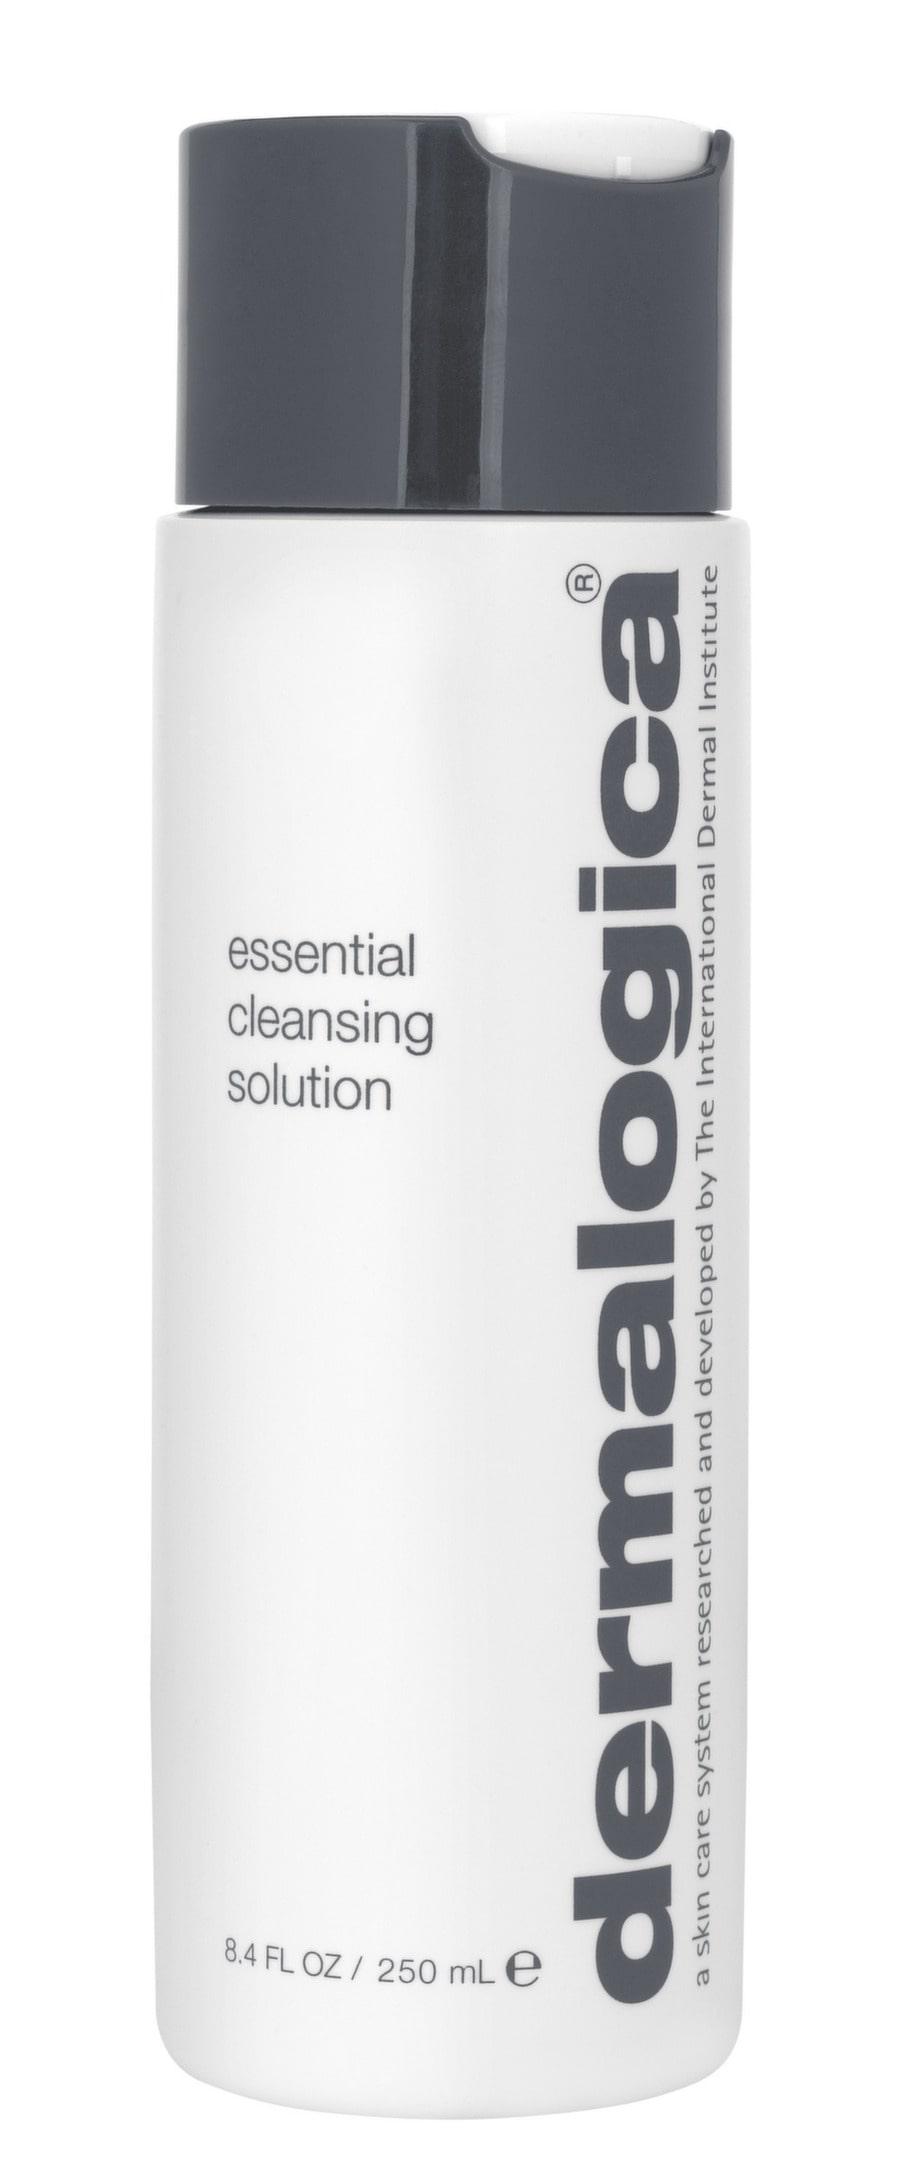 Rengör.<br>Rengöringsmjölk. Essential cleansing solution från Dermalogica, 250 ml, 365 kronor.